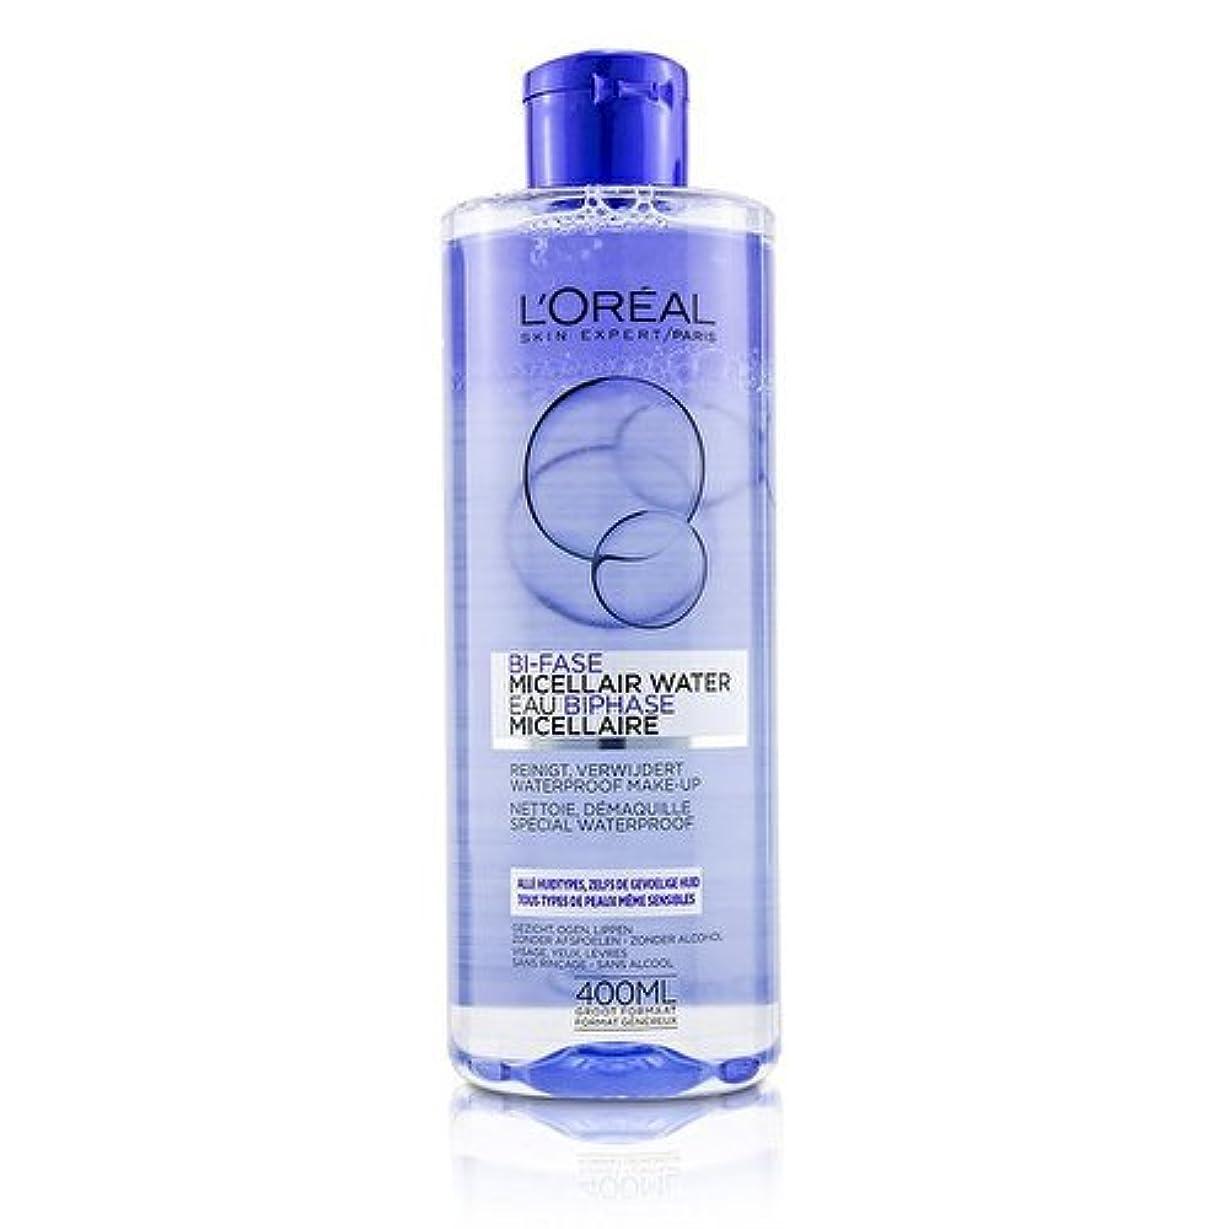 感性致命的なヒュームロレアル Bi-Phase Micellar Water (Bi-Fase Micellair Water) - For All Skin Types, even Sensitive Skin 400ml/13.3oz並行輸入品